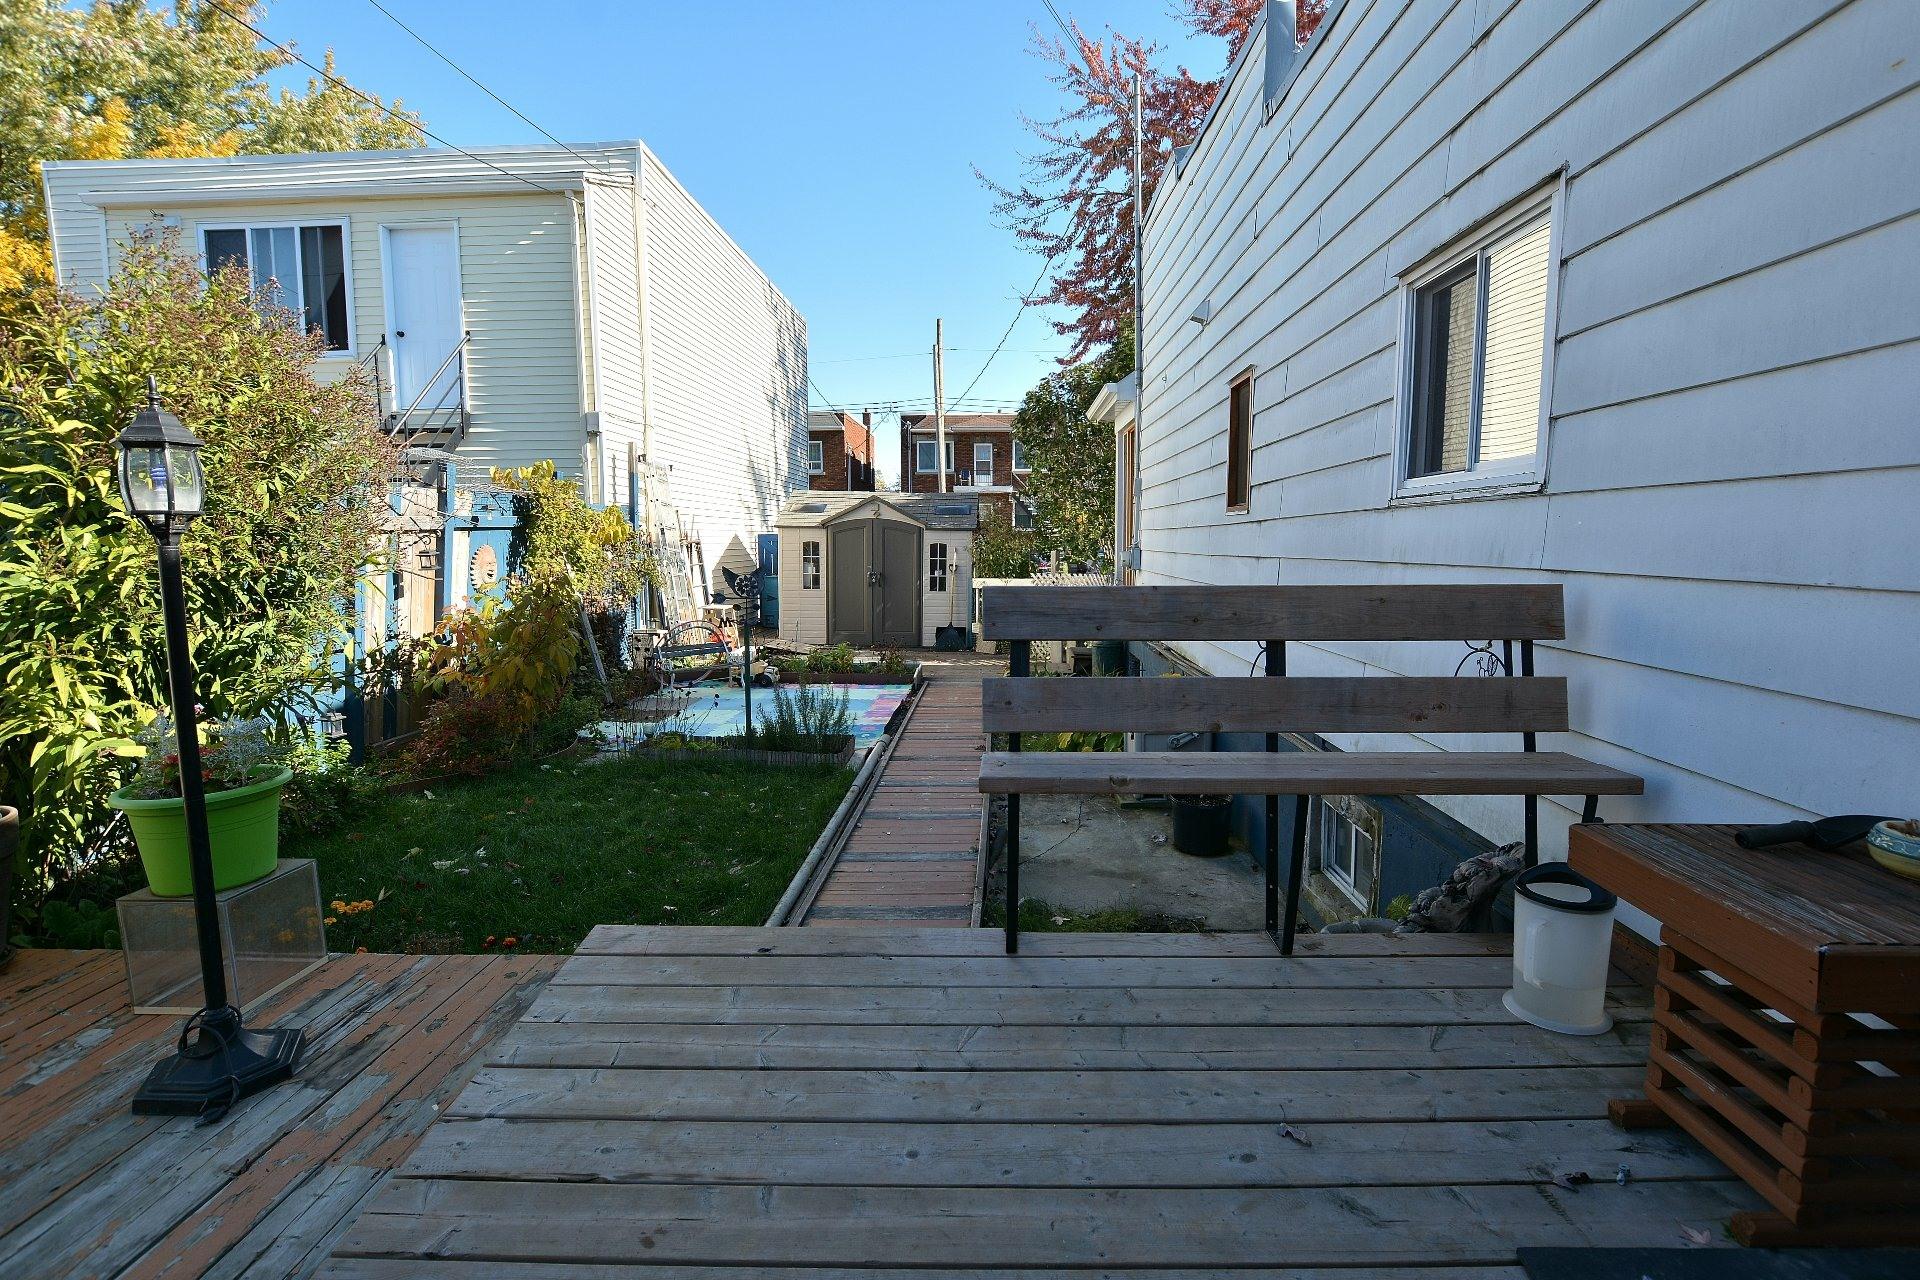 image 5 - House For sale Montréal Lachine  - 5 rooms